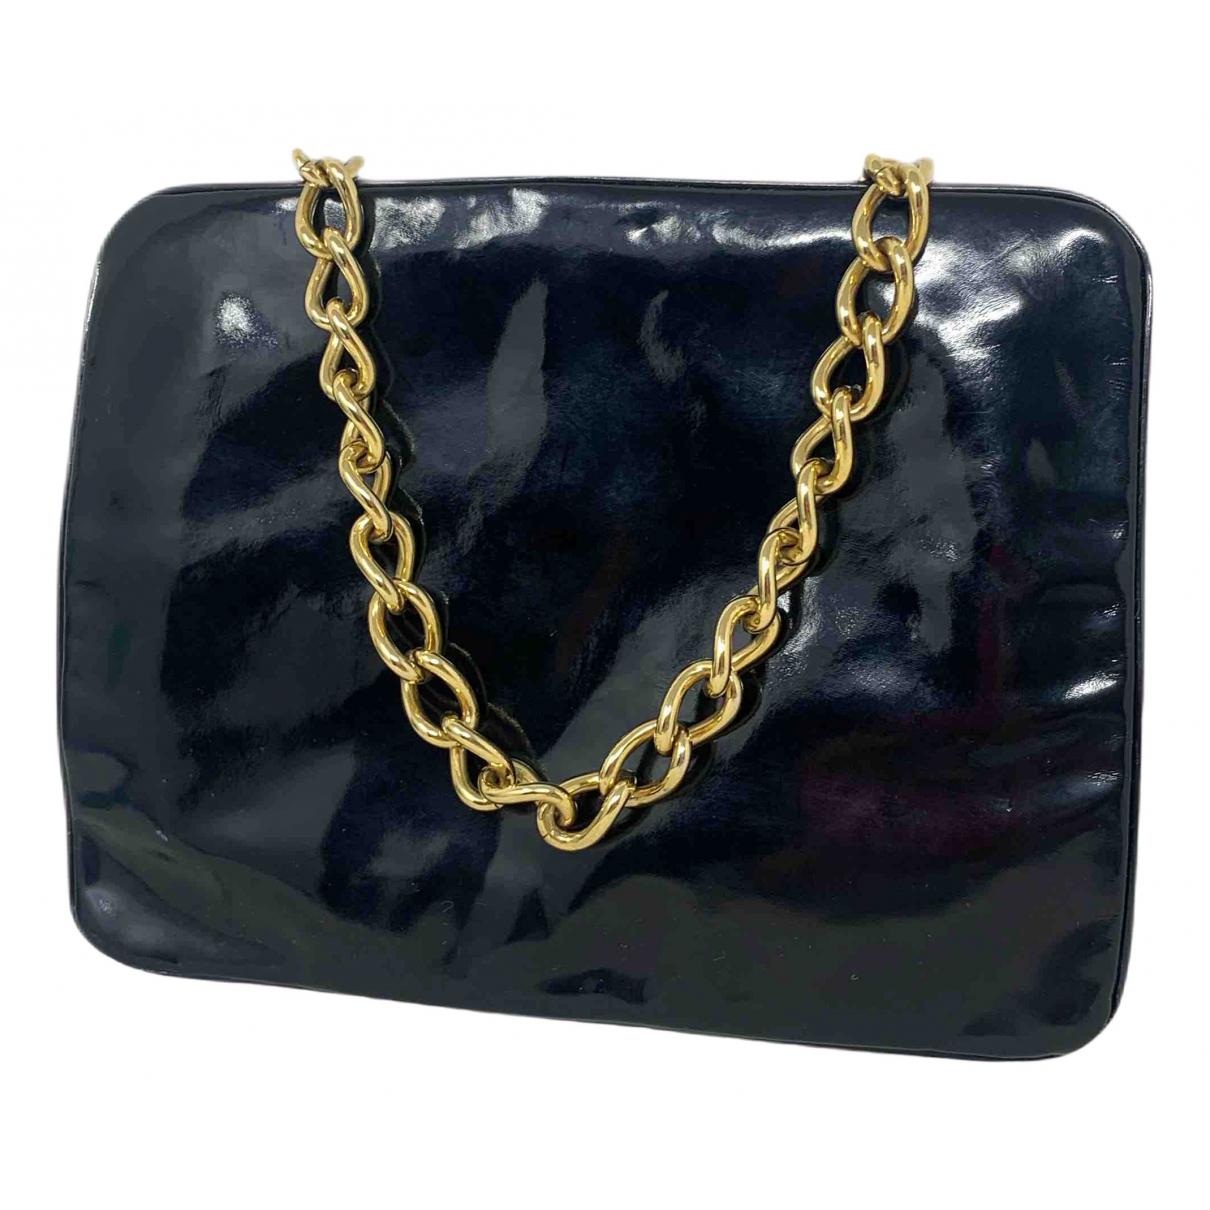 Dolce & Gabbana \N Clutch in  Schwarz Lackleder